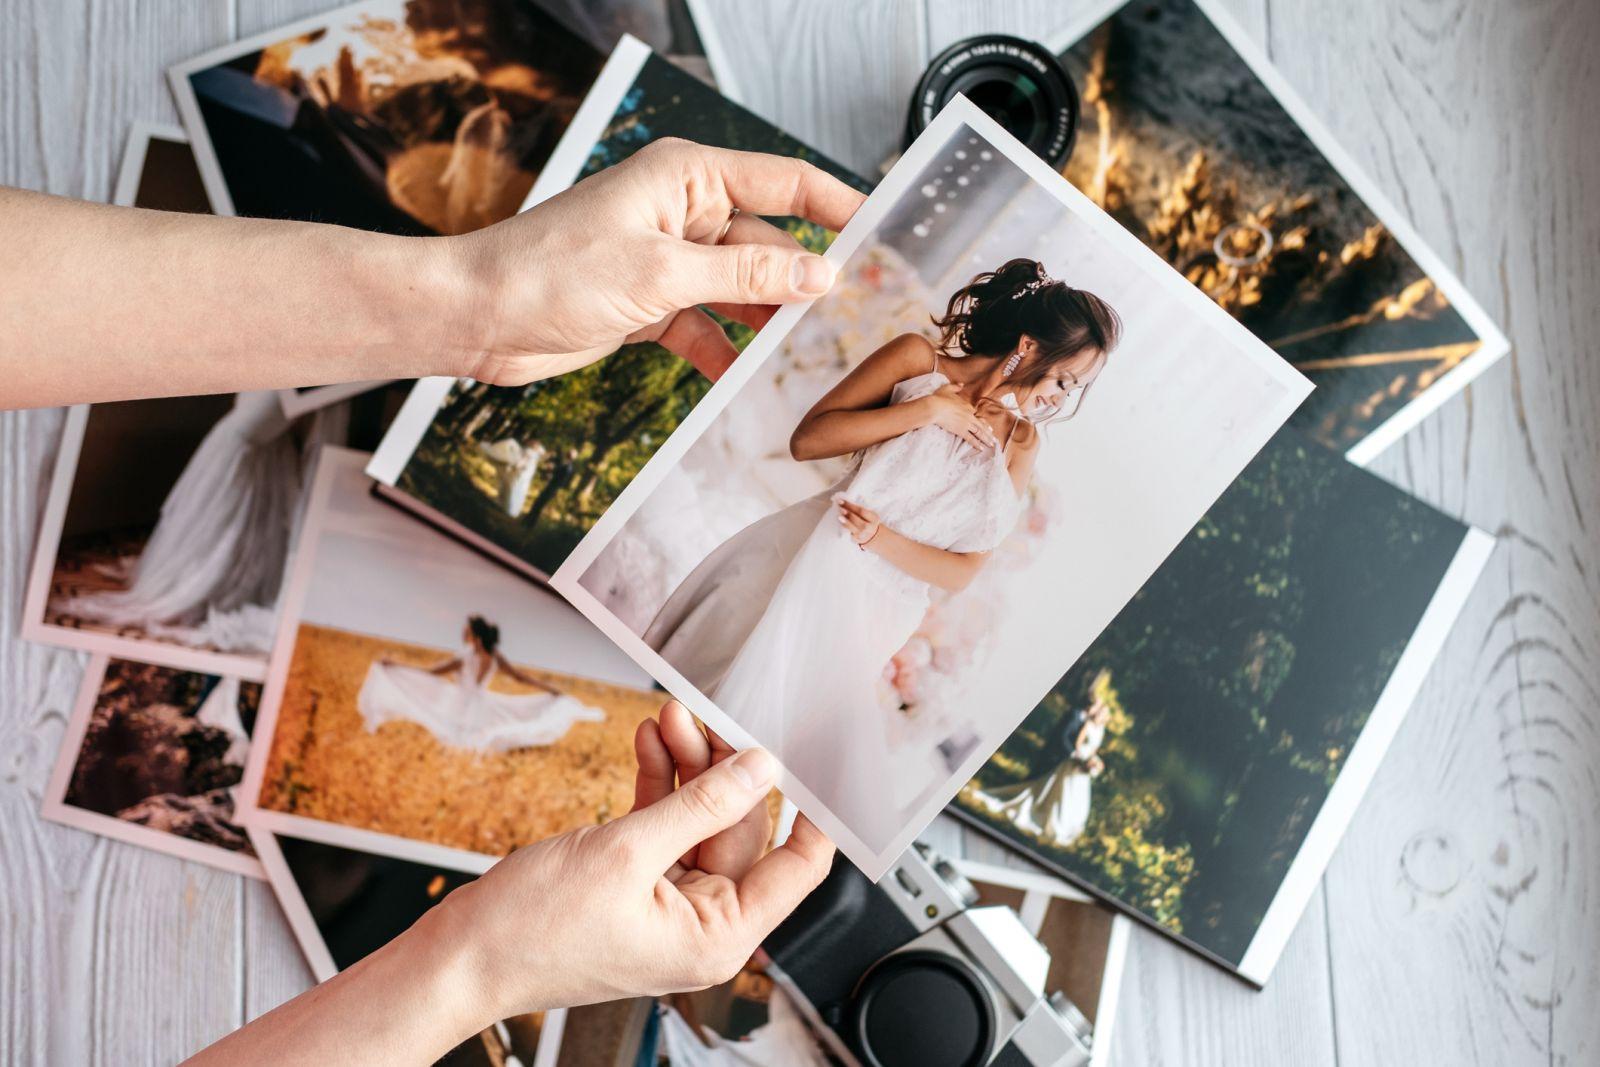 photographie cliché